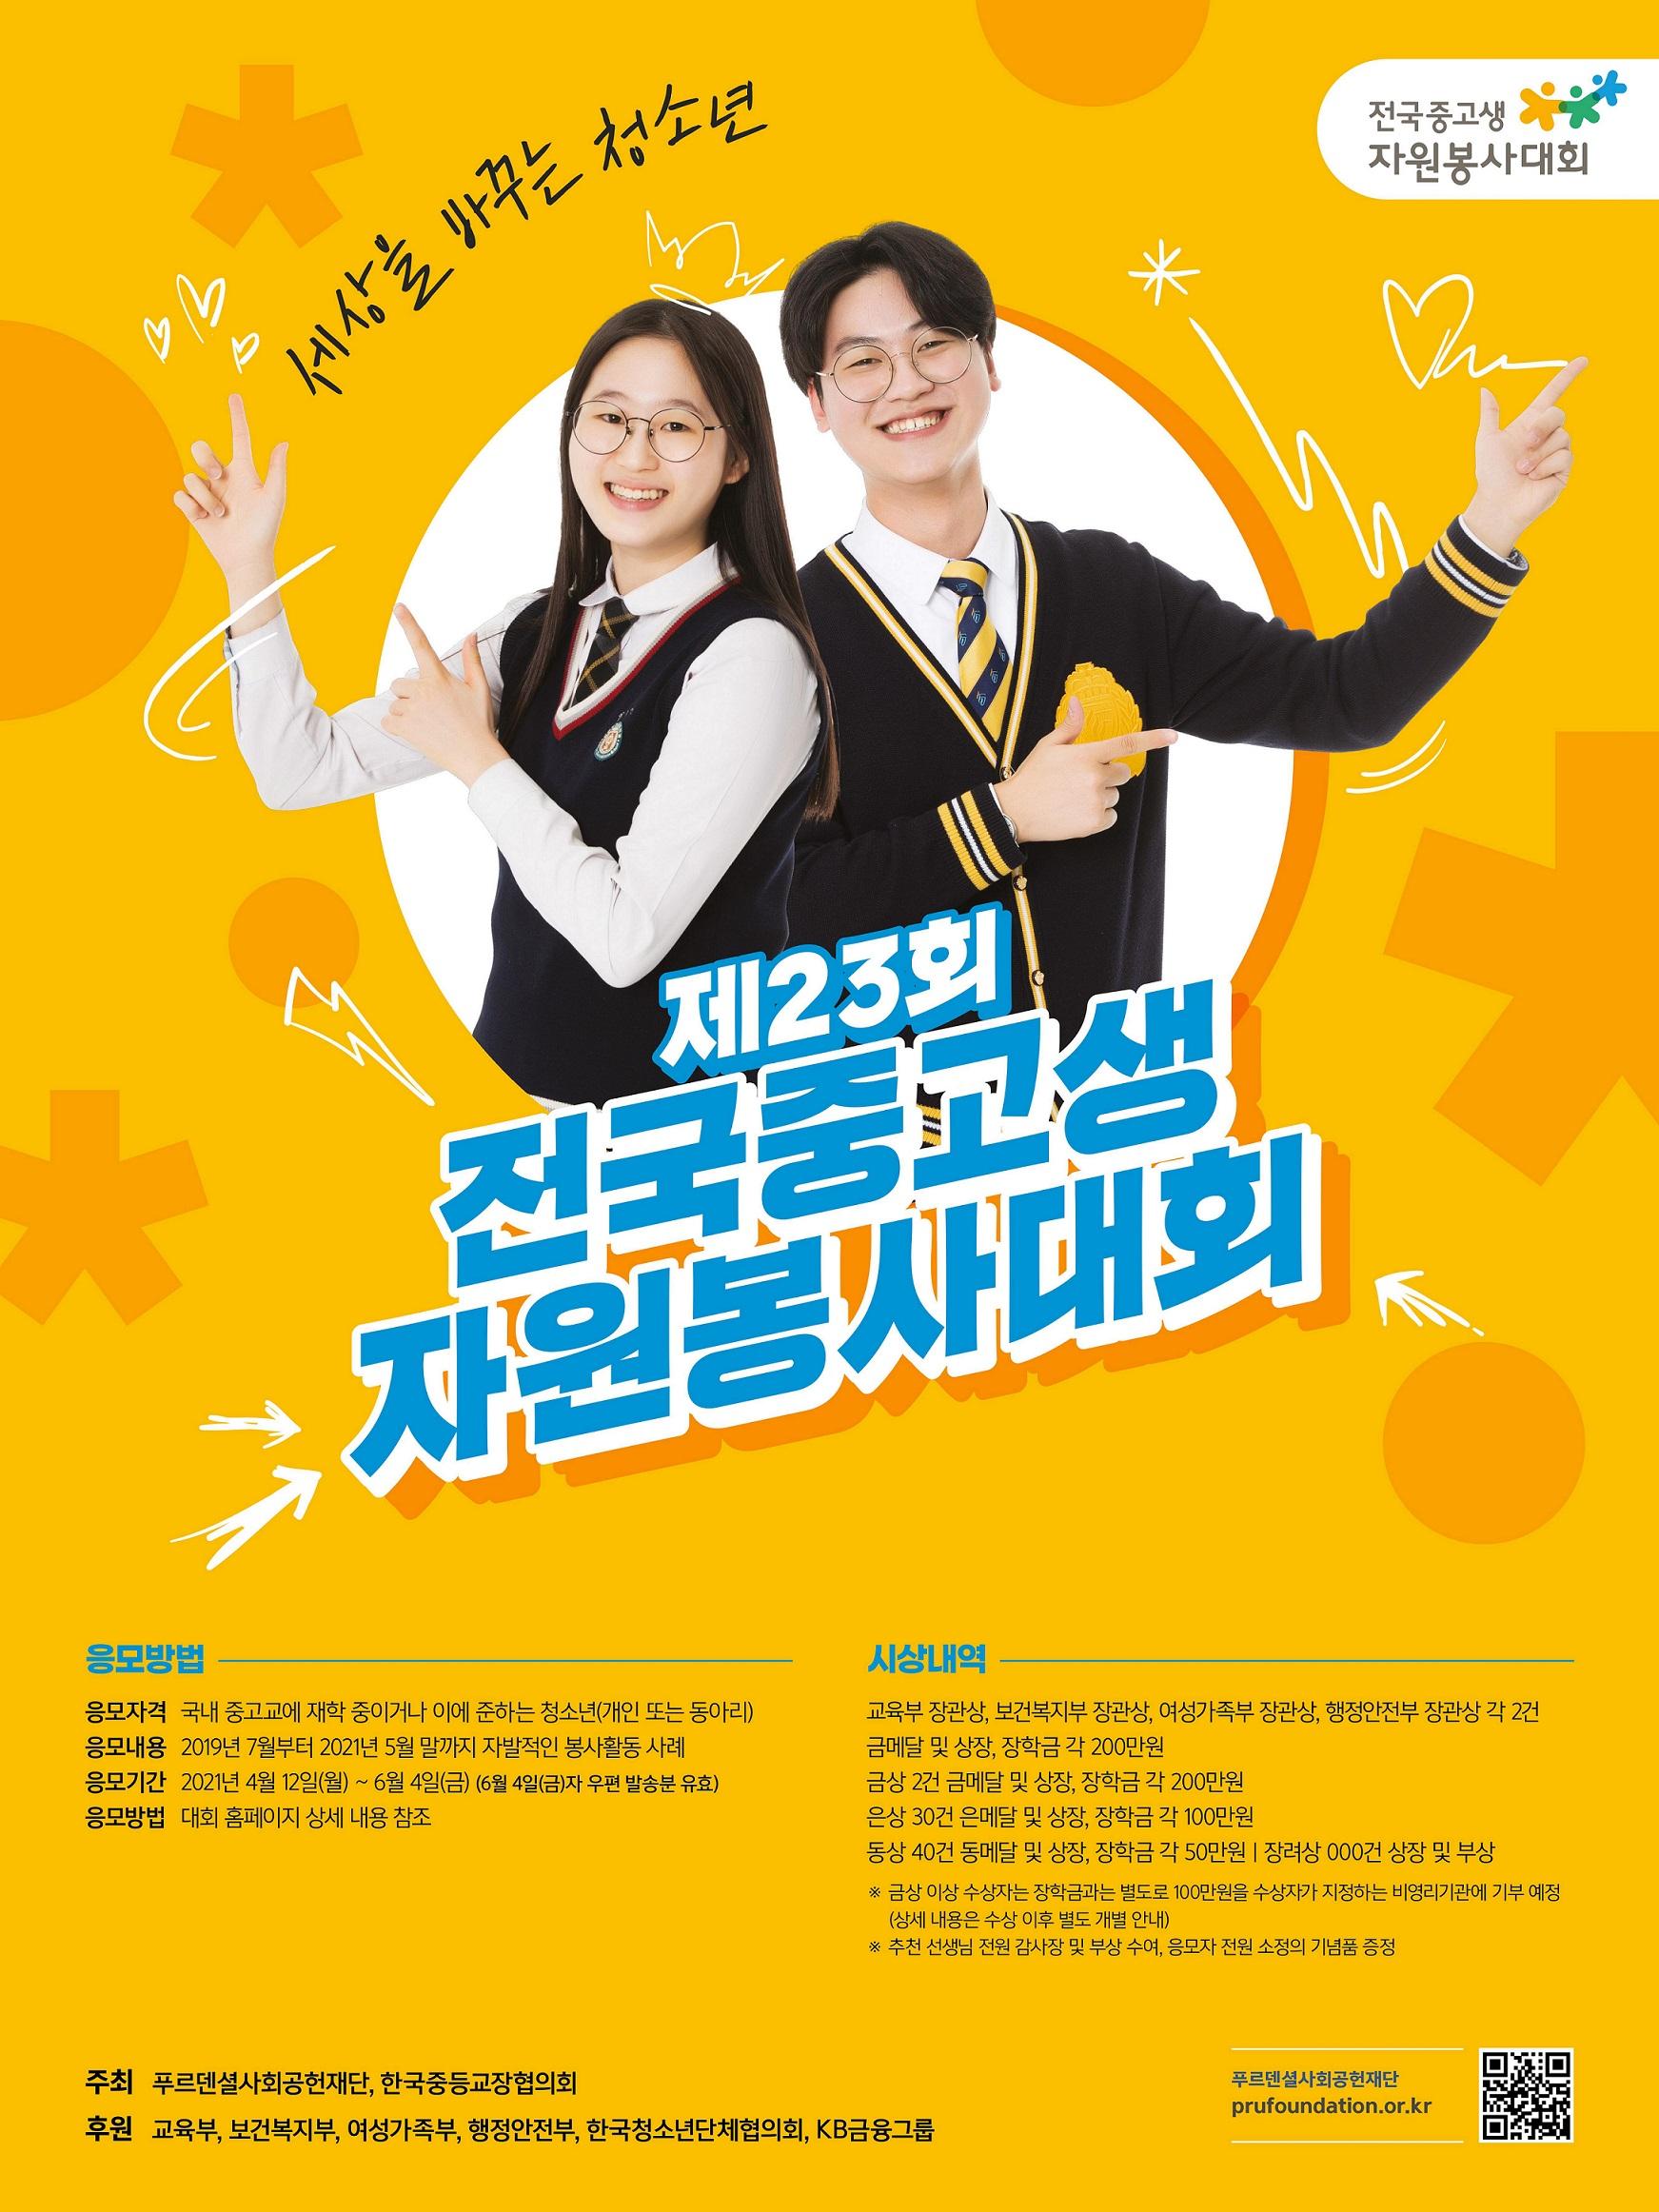 푸르덴셜사회공헌재단, 제23회 '전국중고생자원봉사대회' 개최